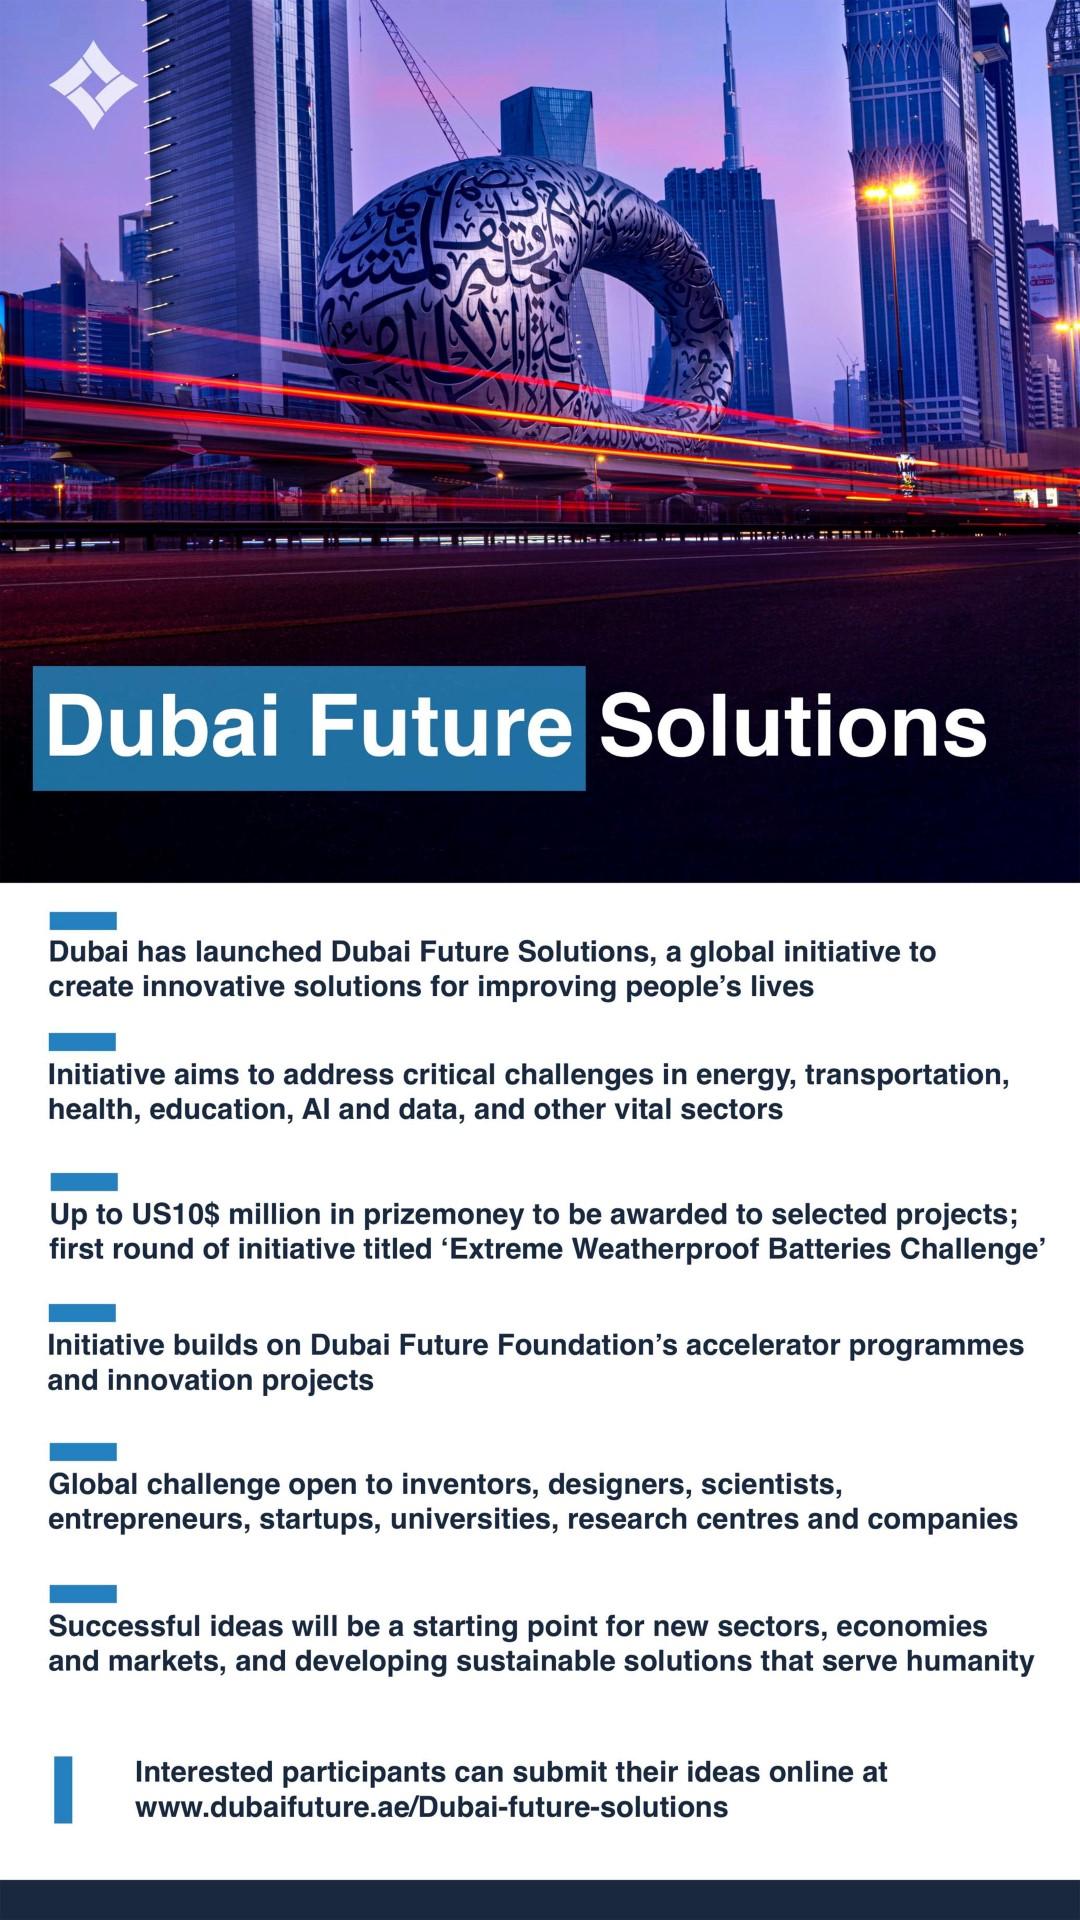 """حمدان بن محمد يطلق مبادرة """"حلول دبي للمستقبل"""" لتطوير حلول وأفكار لمعالجة تحديات قطاعات حيوية حول العالم"""